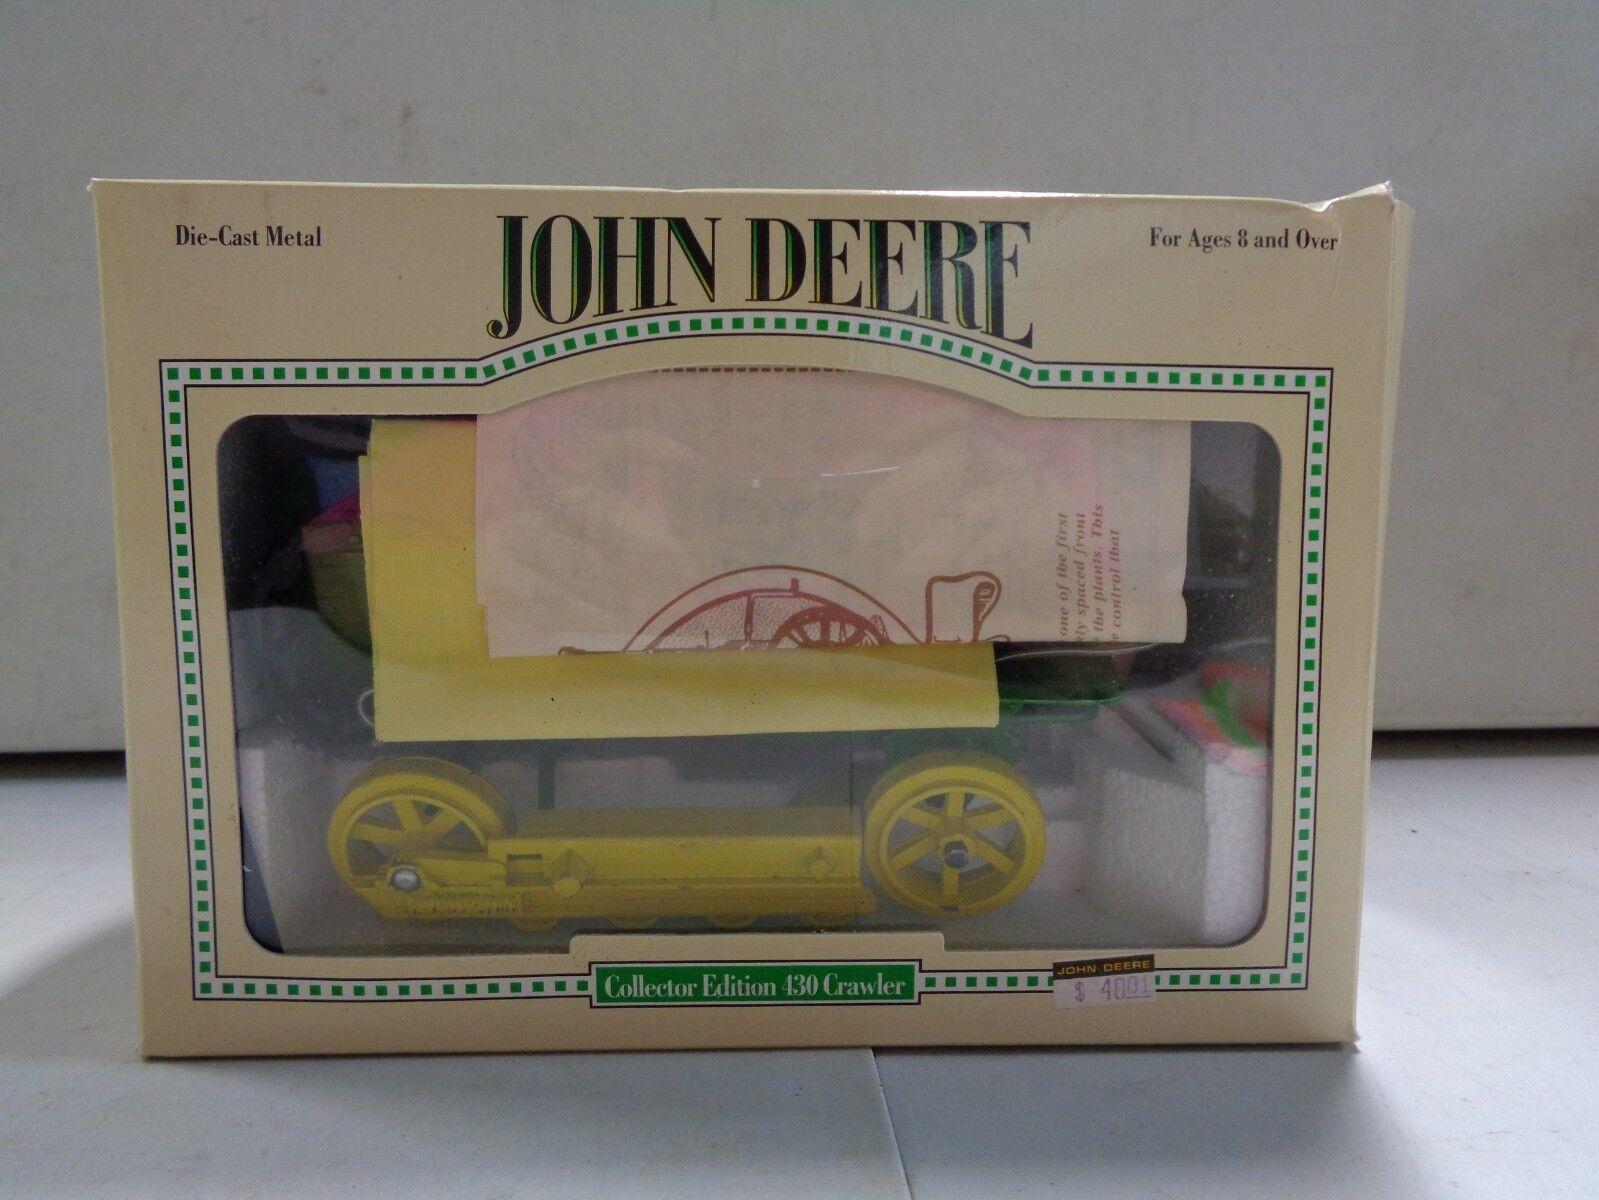 John John John Deere 430 Crawler 1 16 fa53f5